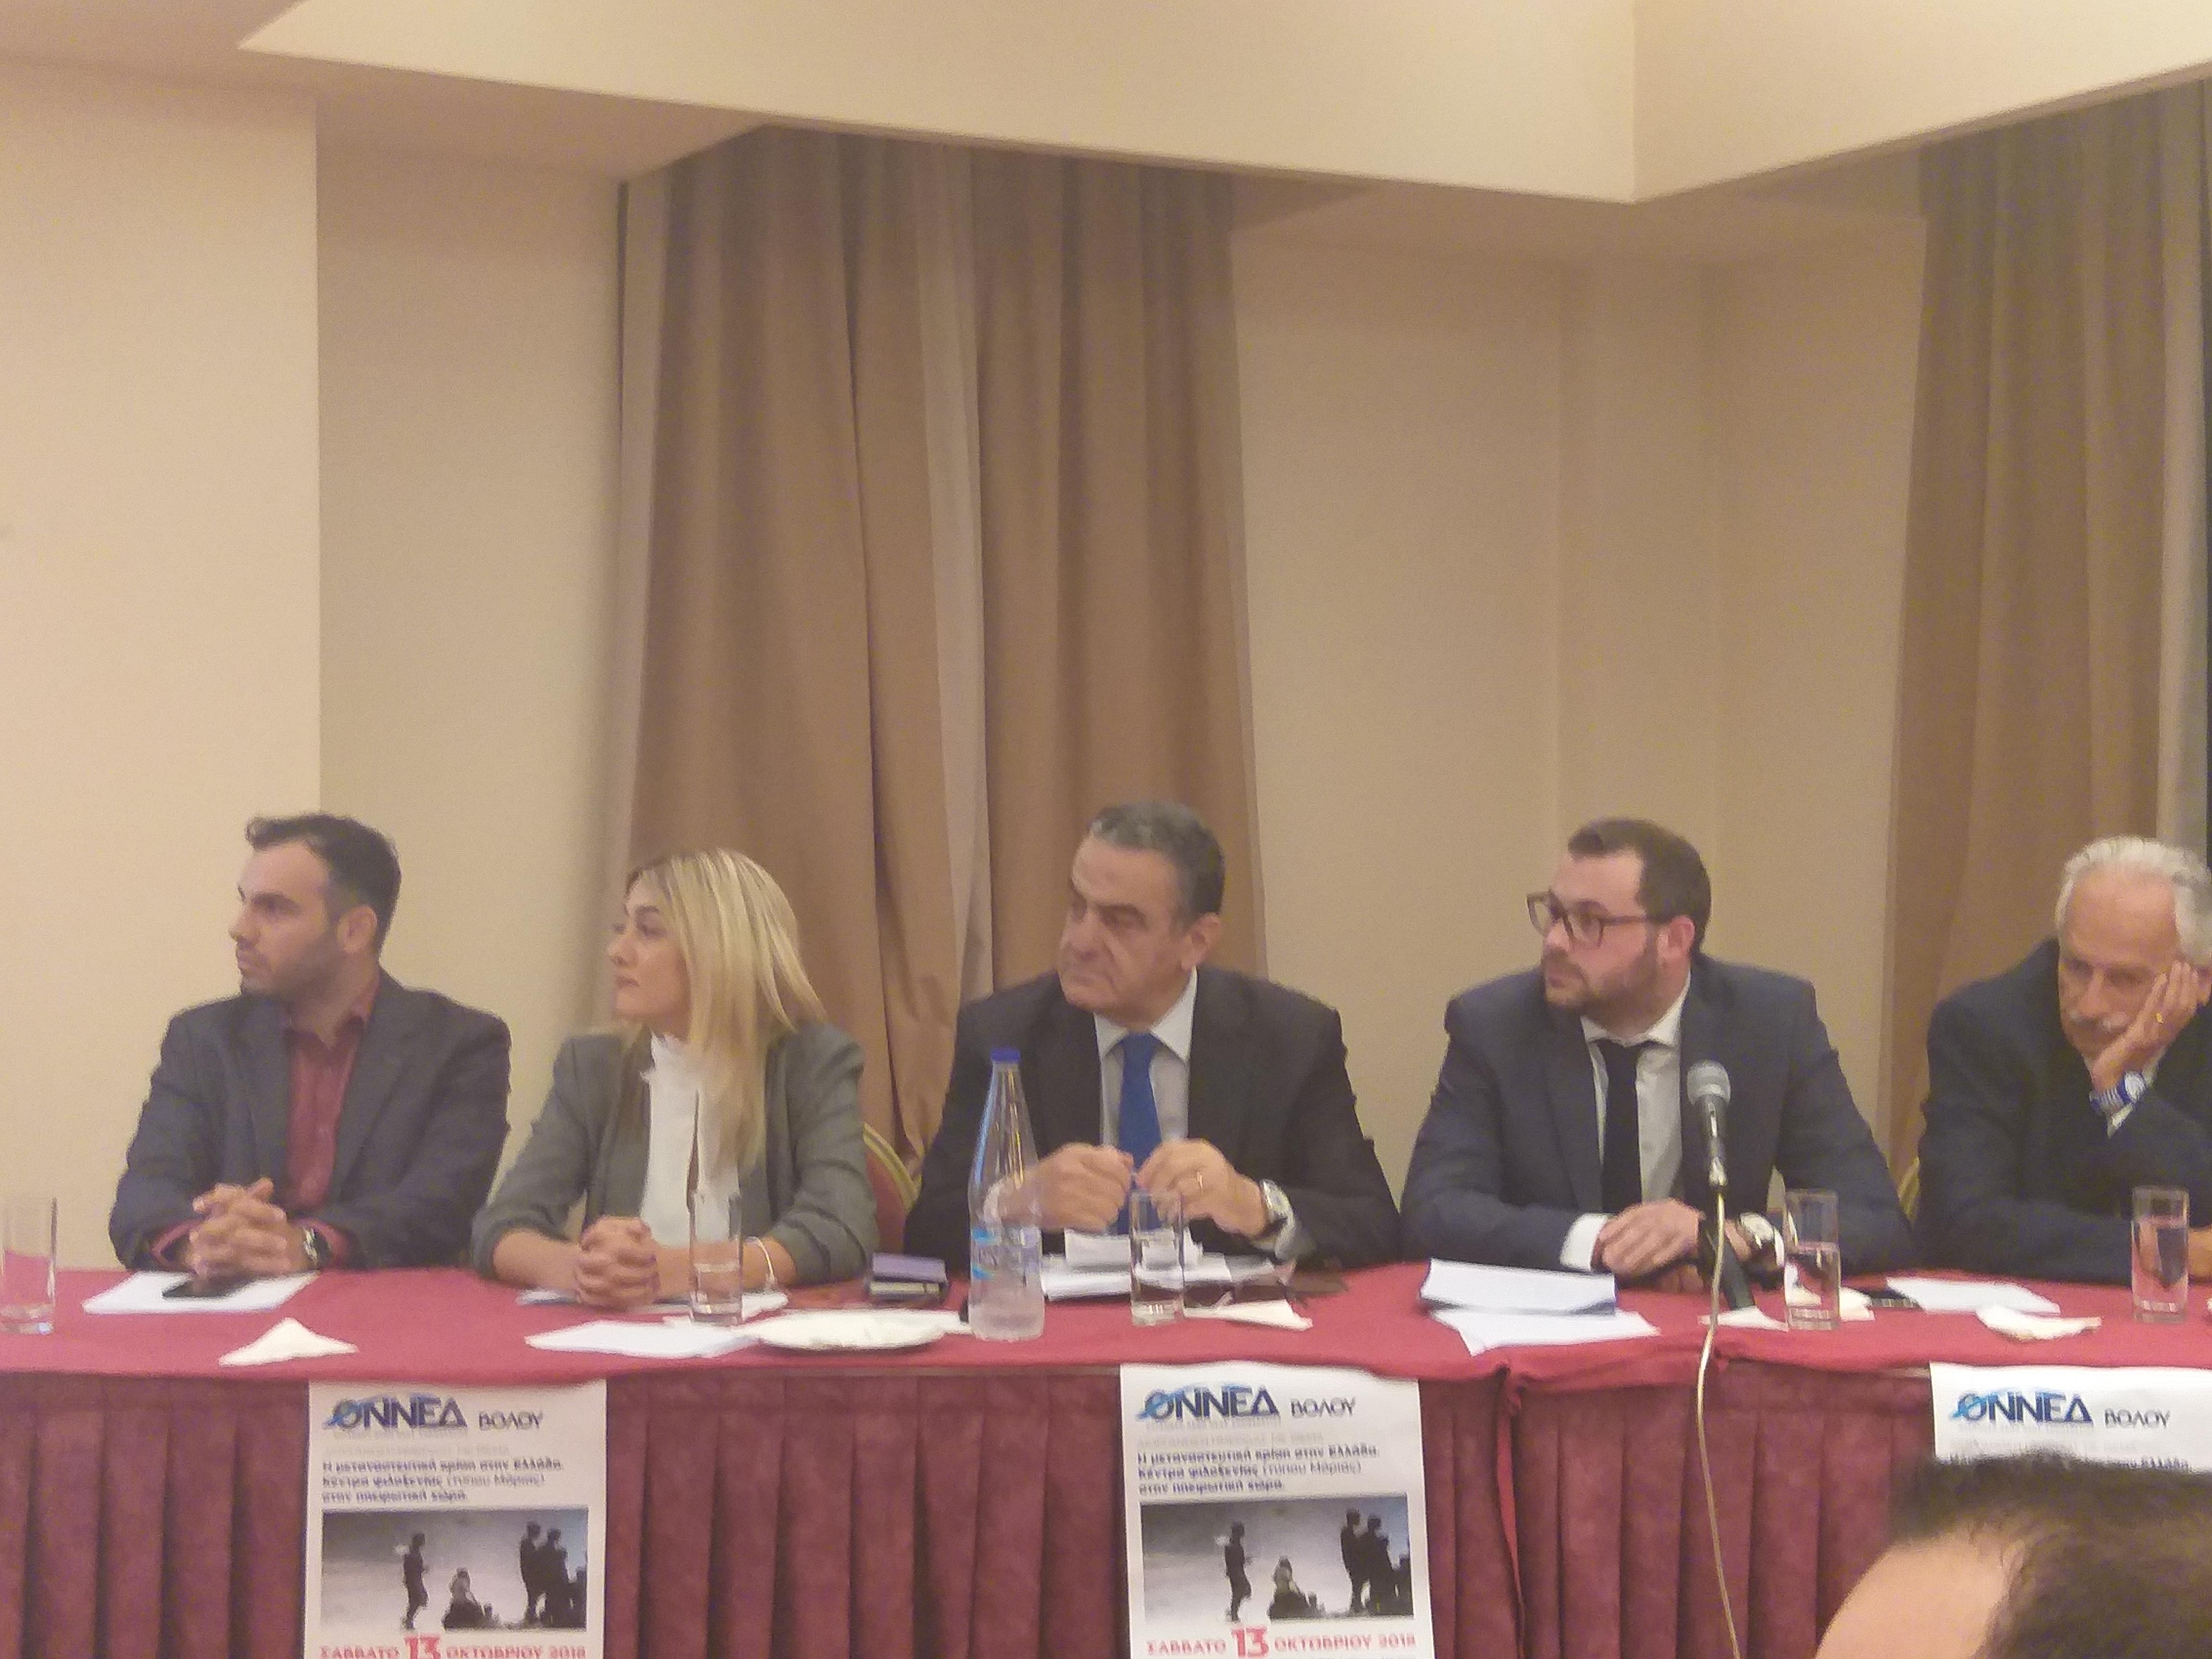 Χαρ. Αθανασίου: Παταγώδη η αποτυχία της κυβέρνησης στο μεταναστευτικό